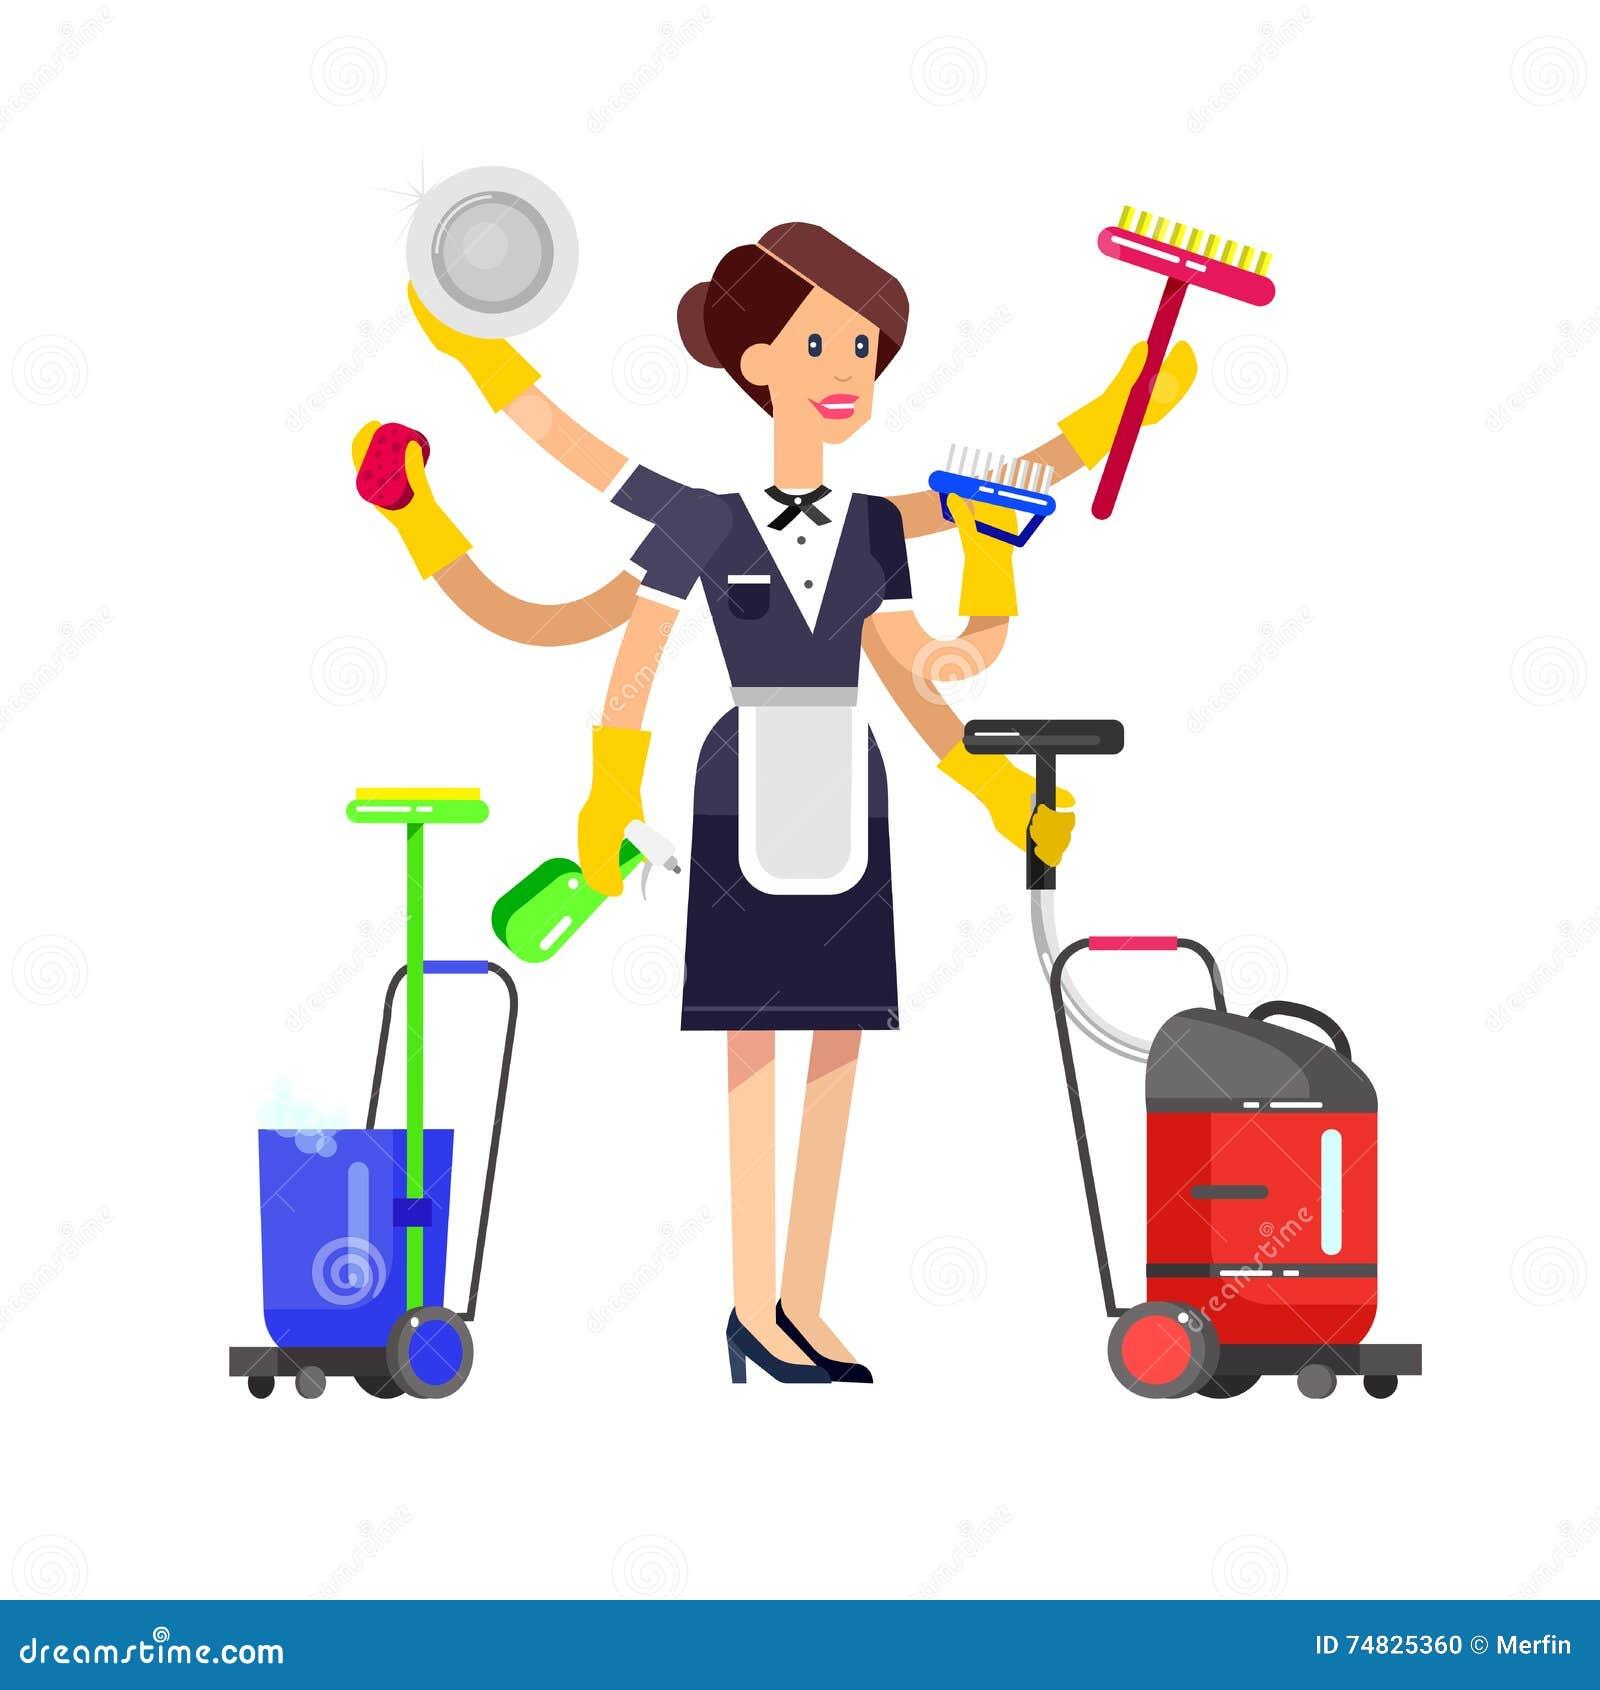 Dise o del cartel para el servicio de limpieza ilustraci n del vector ilustraci n de - Servicio de limpieza para casas ...